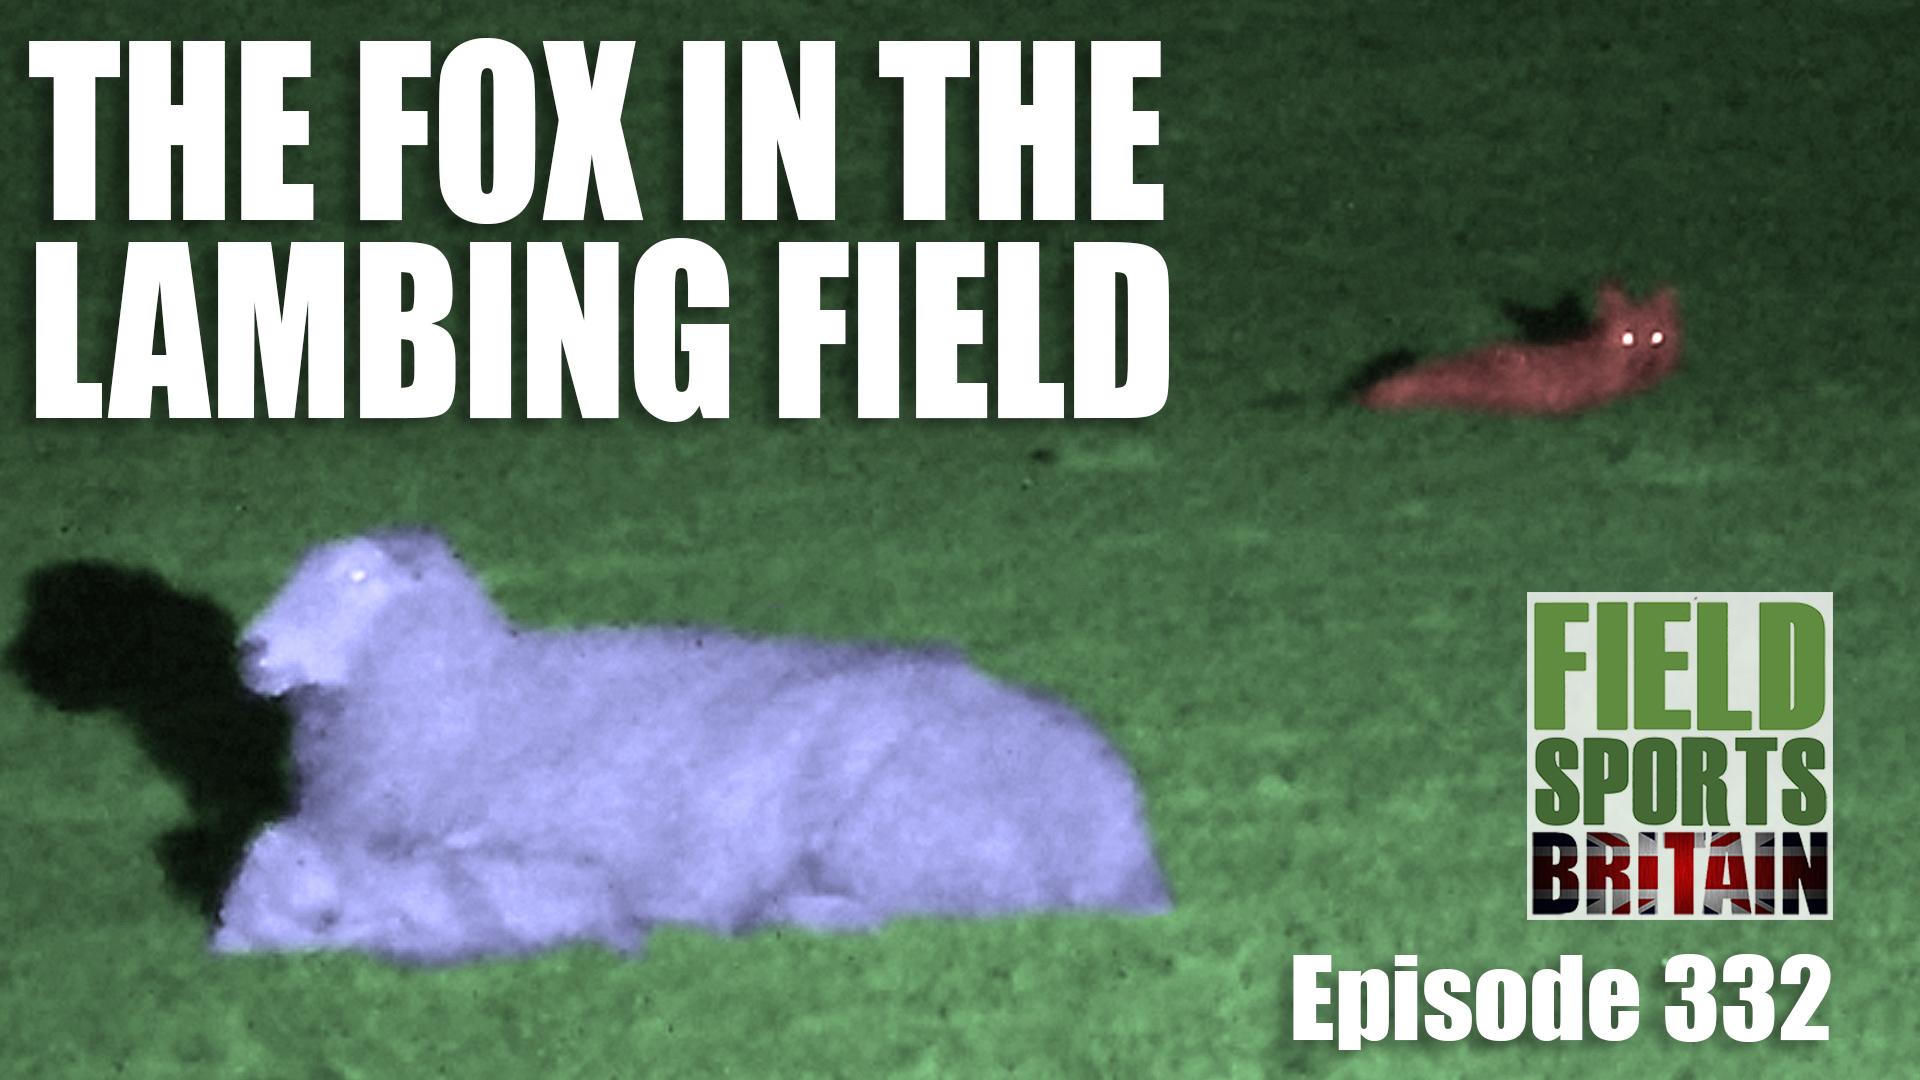 fox and lamb4